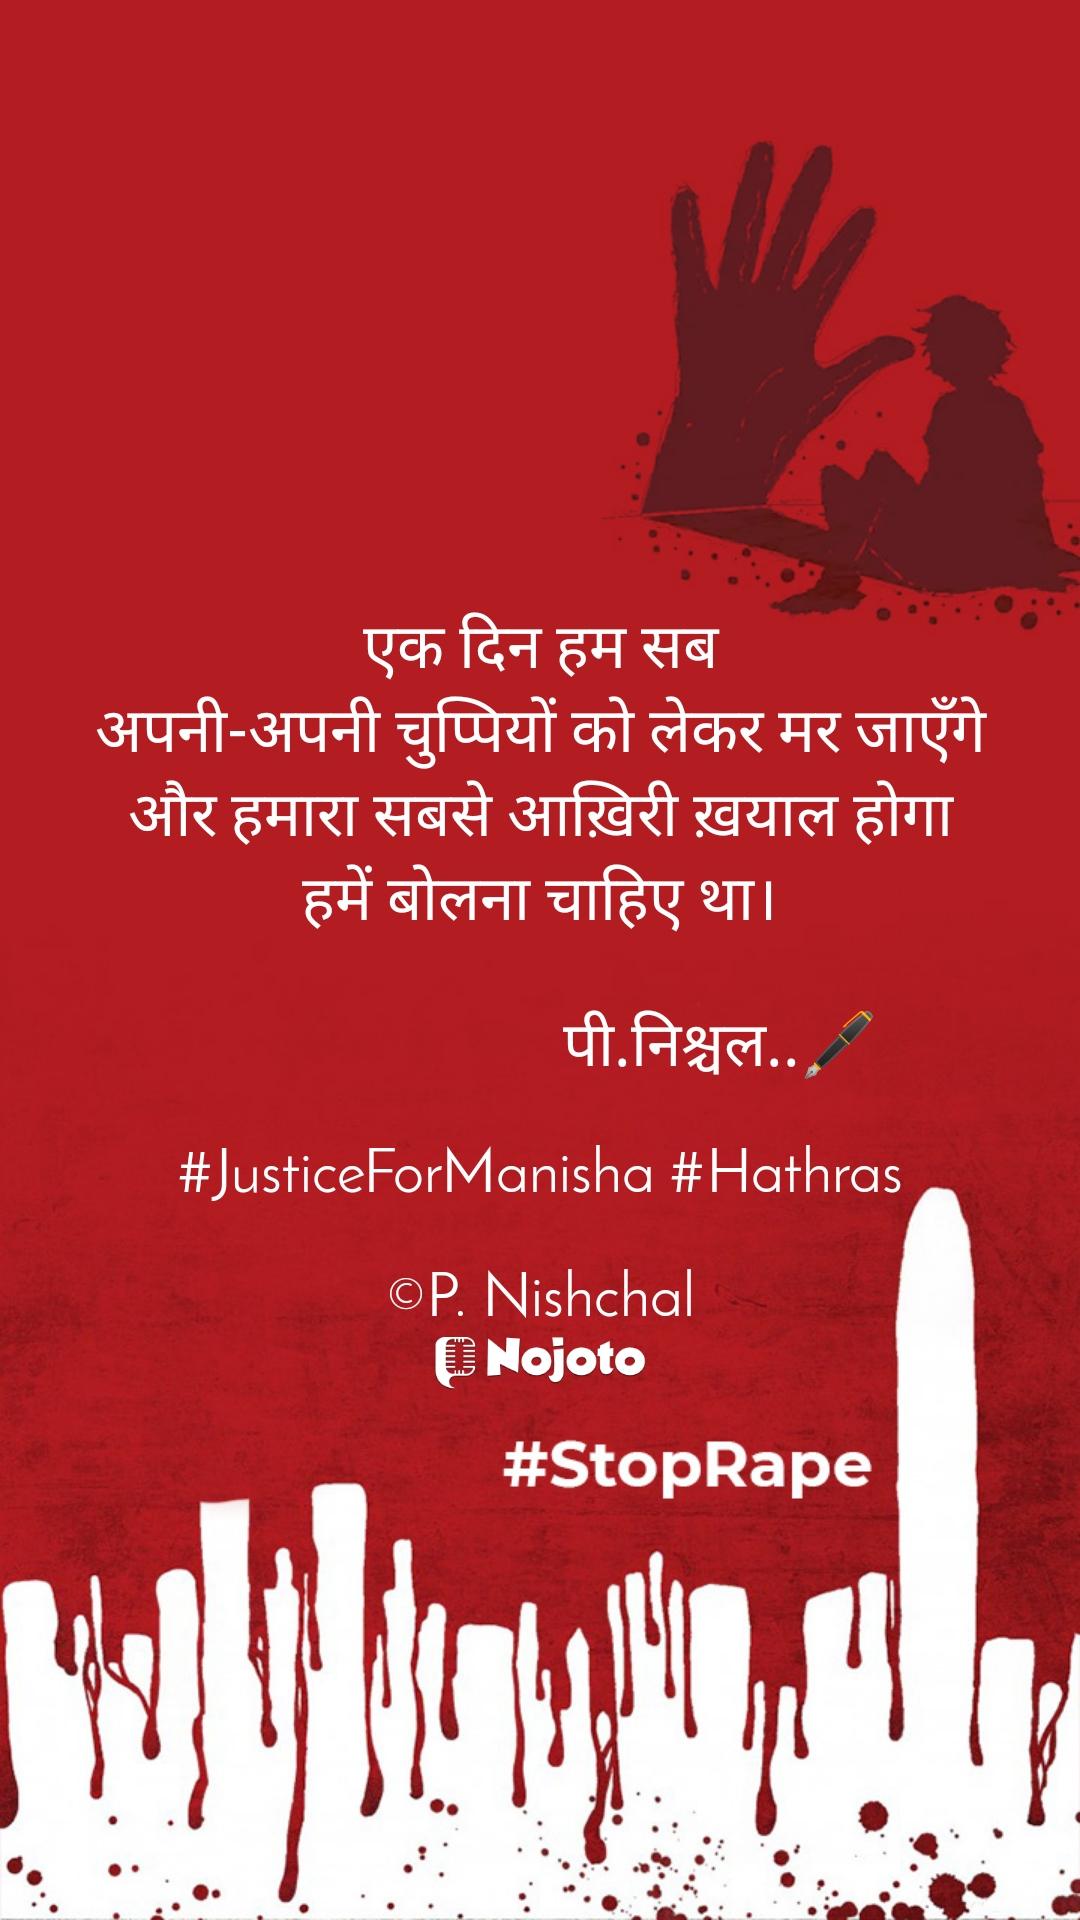 एक दिन हम सब अपनी-अपनी चुप्पियों को लेकर मर जाएँगे और हमारा सबसे आख़िरी ख़याल होगा हमें बोलना चाहिए था।                          पी.निश्चल..🖋️  #JusticeForManisha #Hathras  ©P. Nishchal